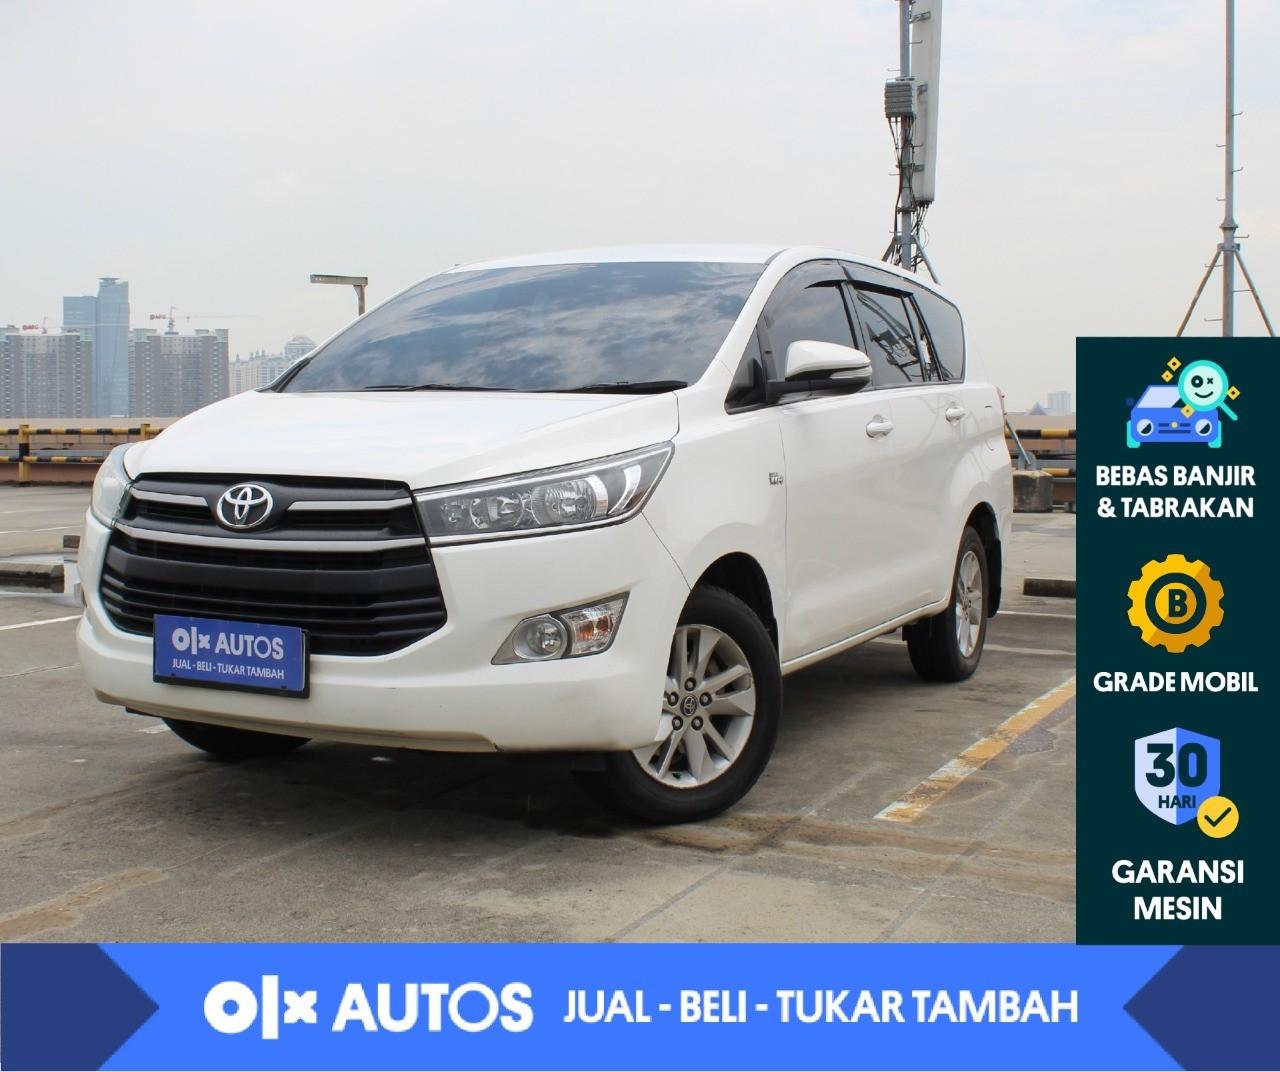 [OLX Autos] Toyota Kijang Innova 2.0 G Bensin AT 2016 0